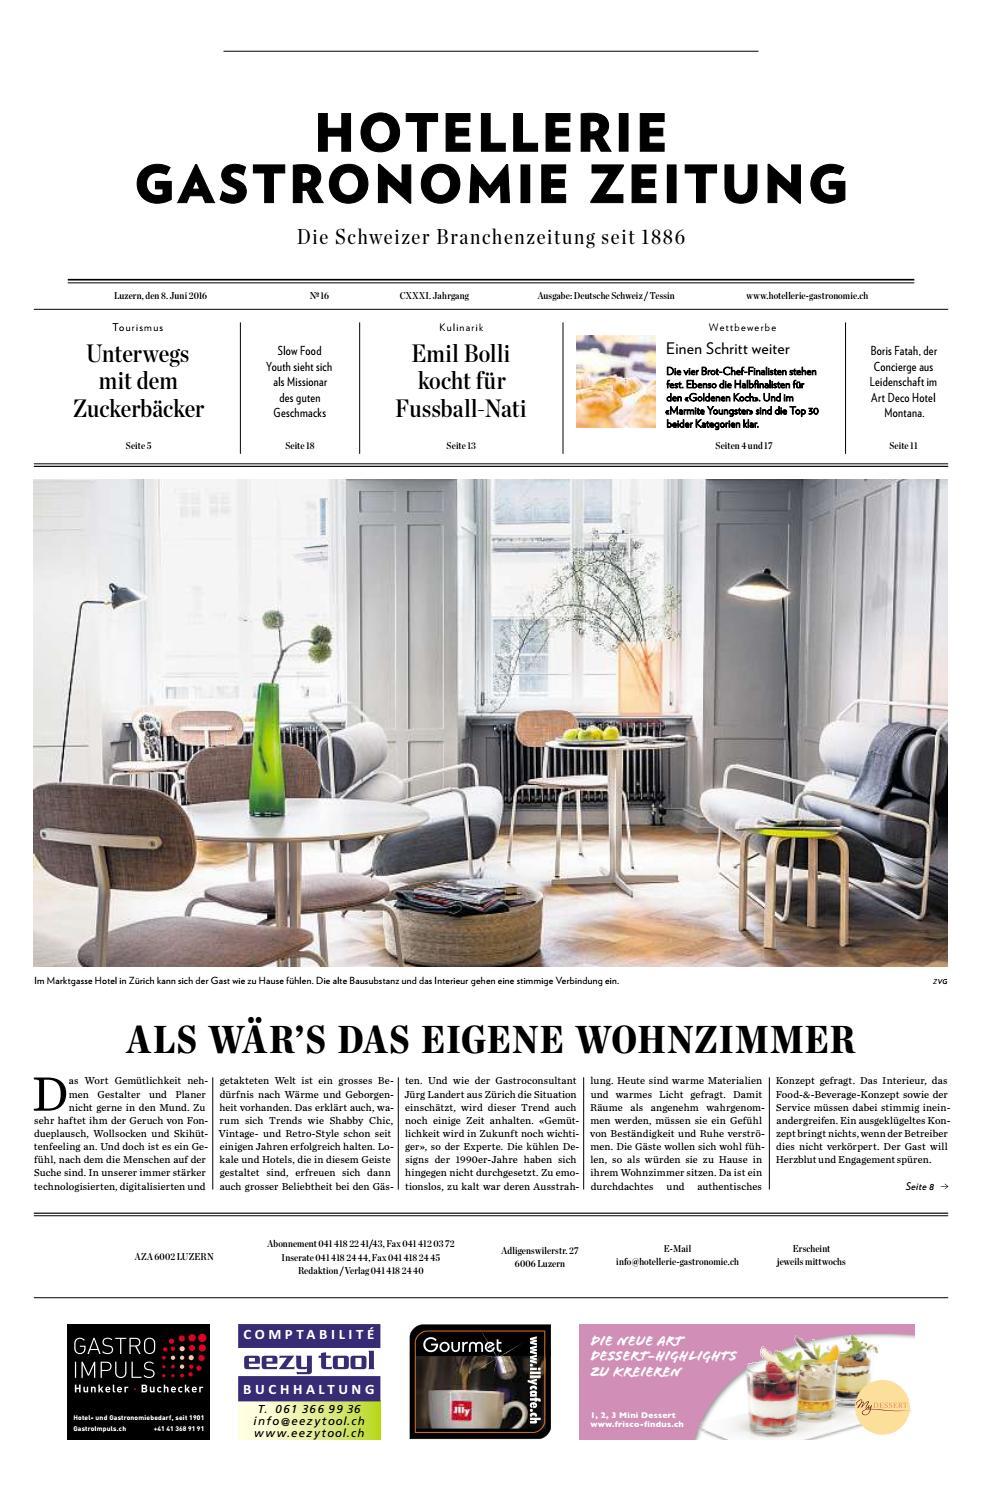 HG-Zeitung 16/2016 by Hotellerie_Gastronomie_Verlag - issuu